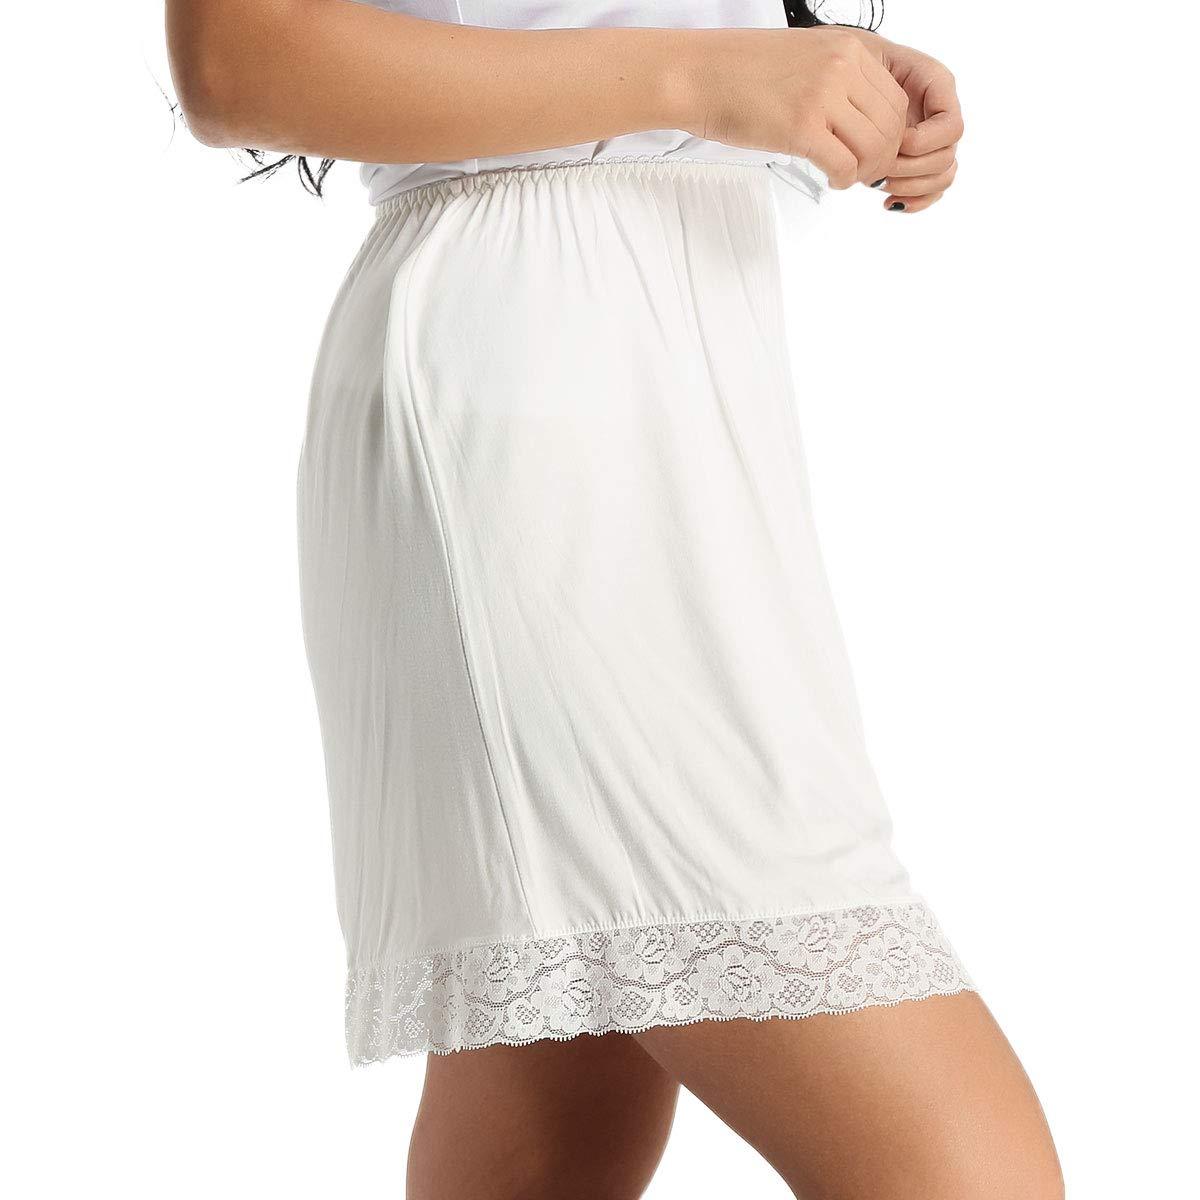 IEFIEL Femme Fille Jupon Crinoline Dentelle Coton Jupon Rockabilly Petticoat Femme sous Jupe Hanche Mariage F/ête Jupette Bal Danse Jupon Combinaison Underwear